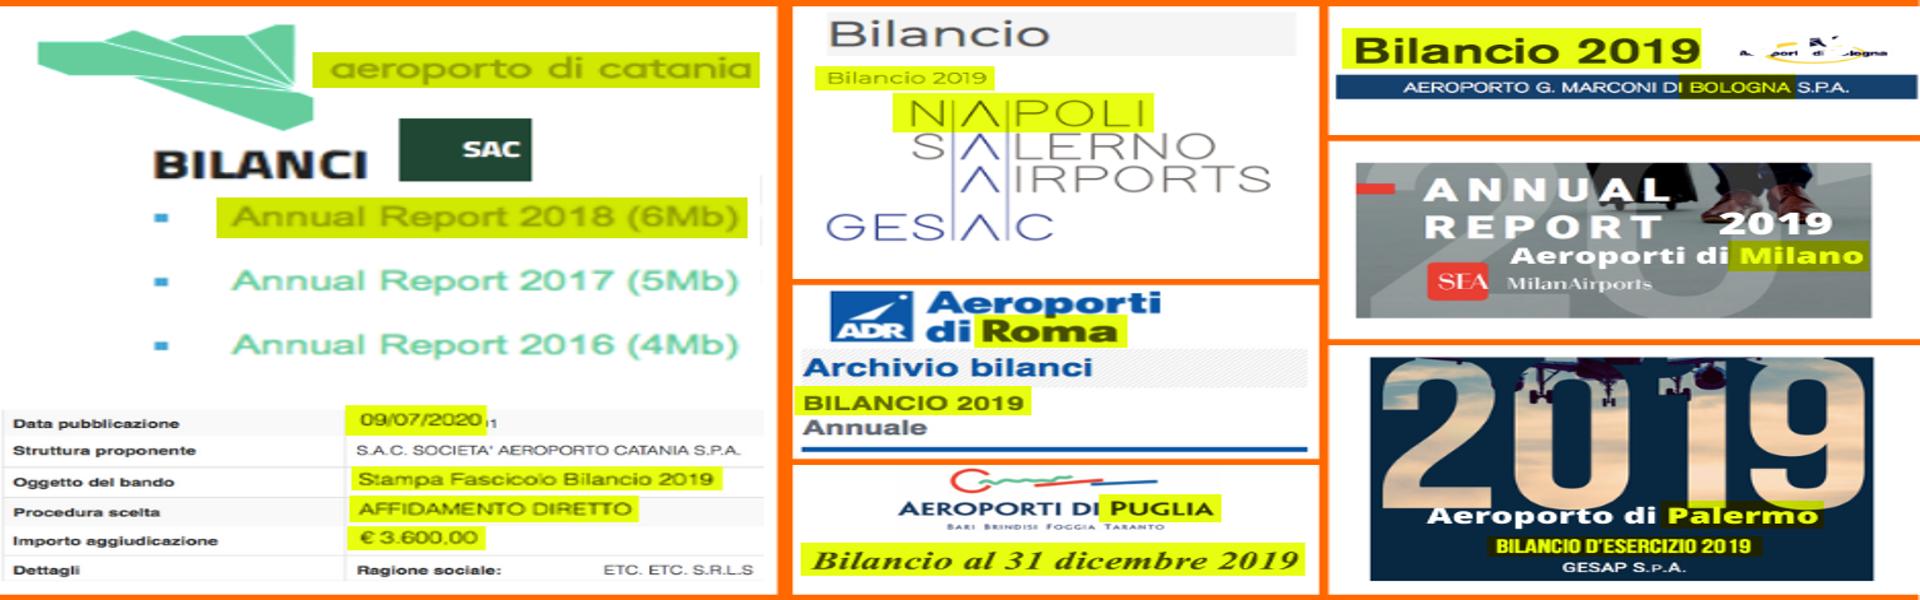 bilanciosac3-1595909787.png